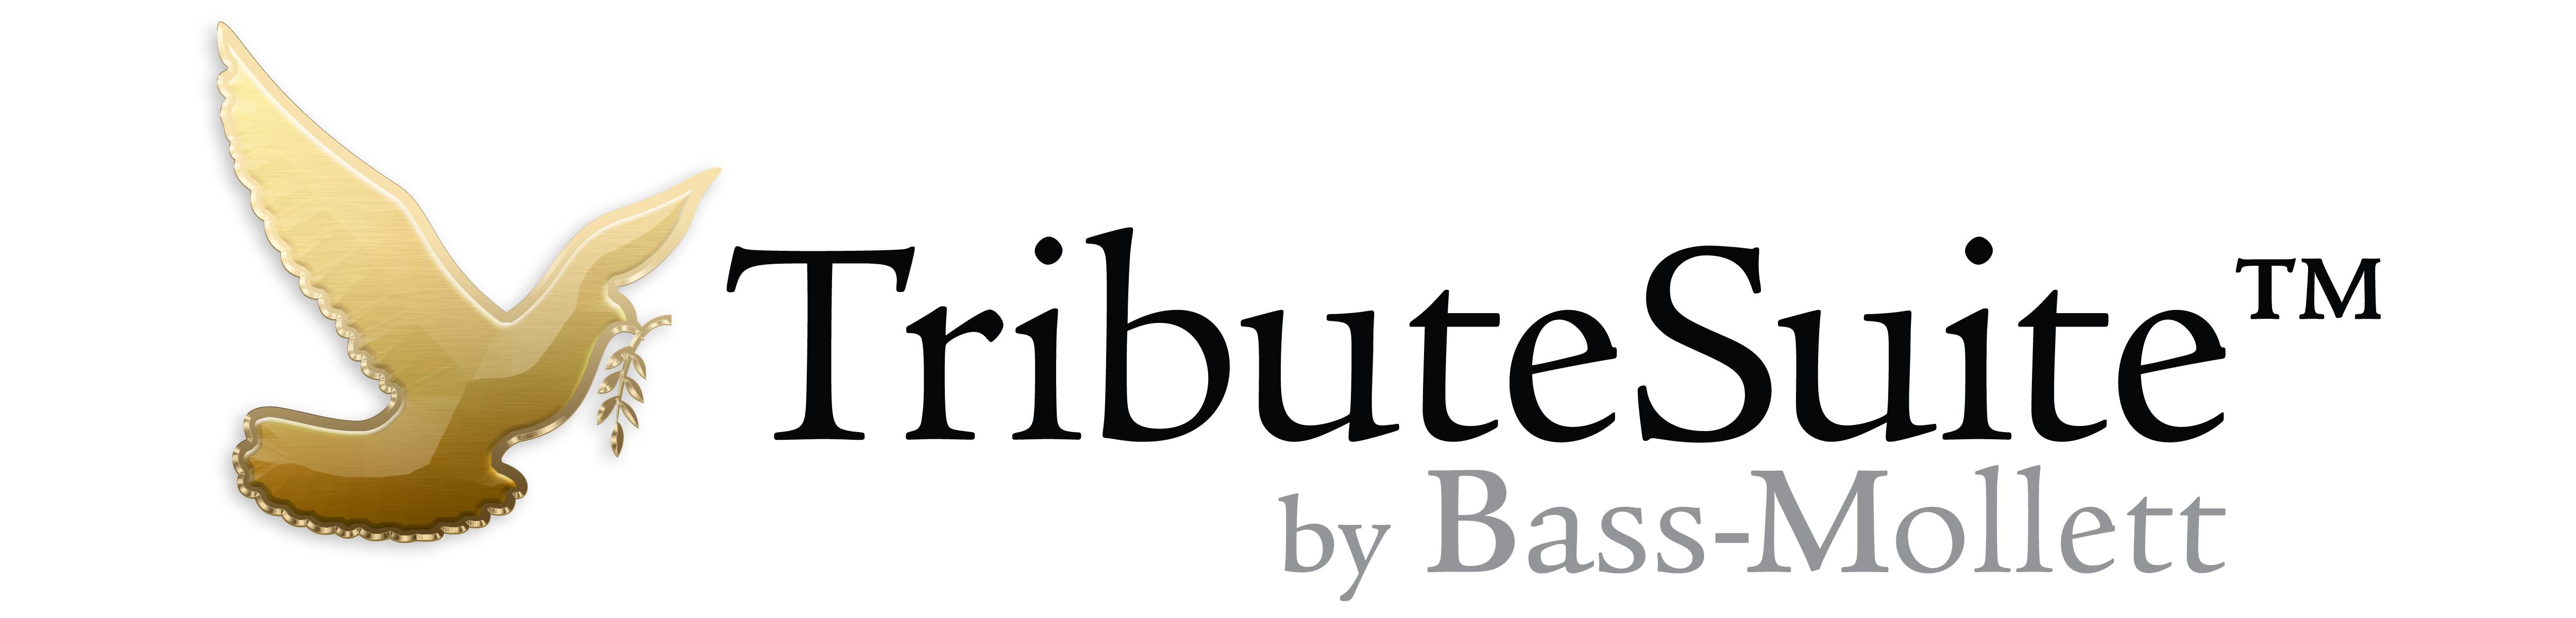 tributeSuite-logo